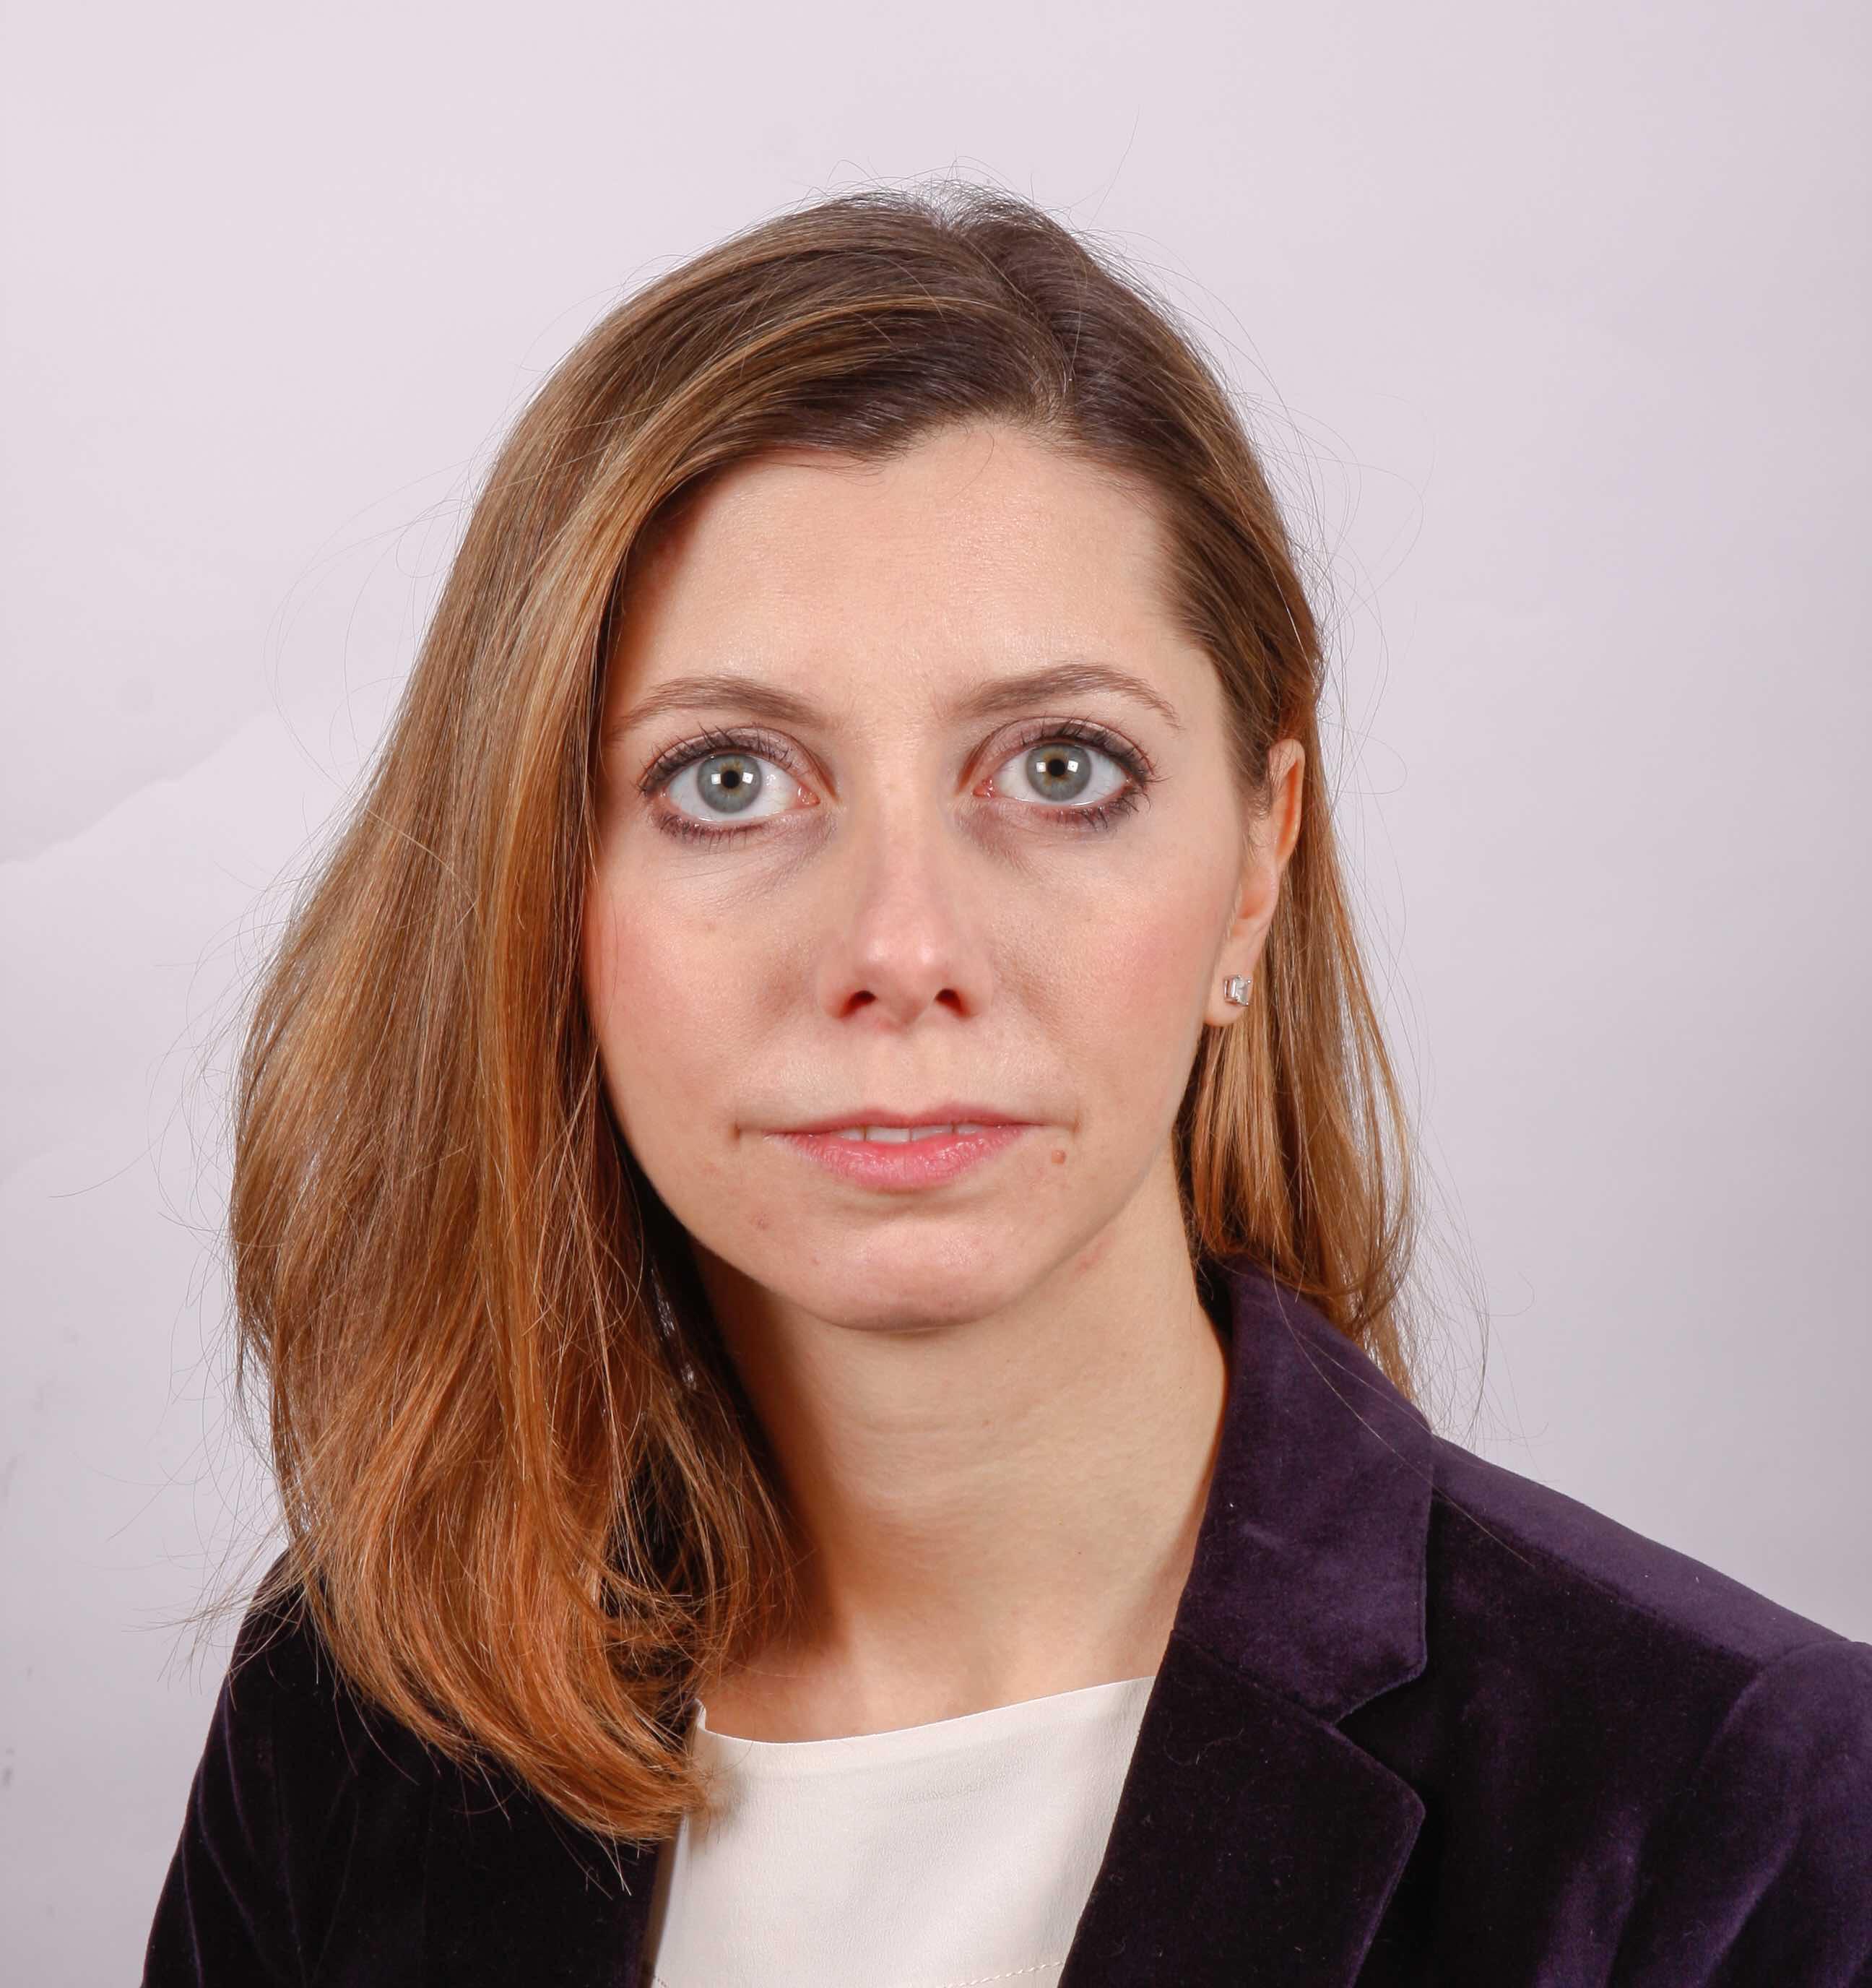 Flavia Mancini